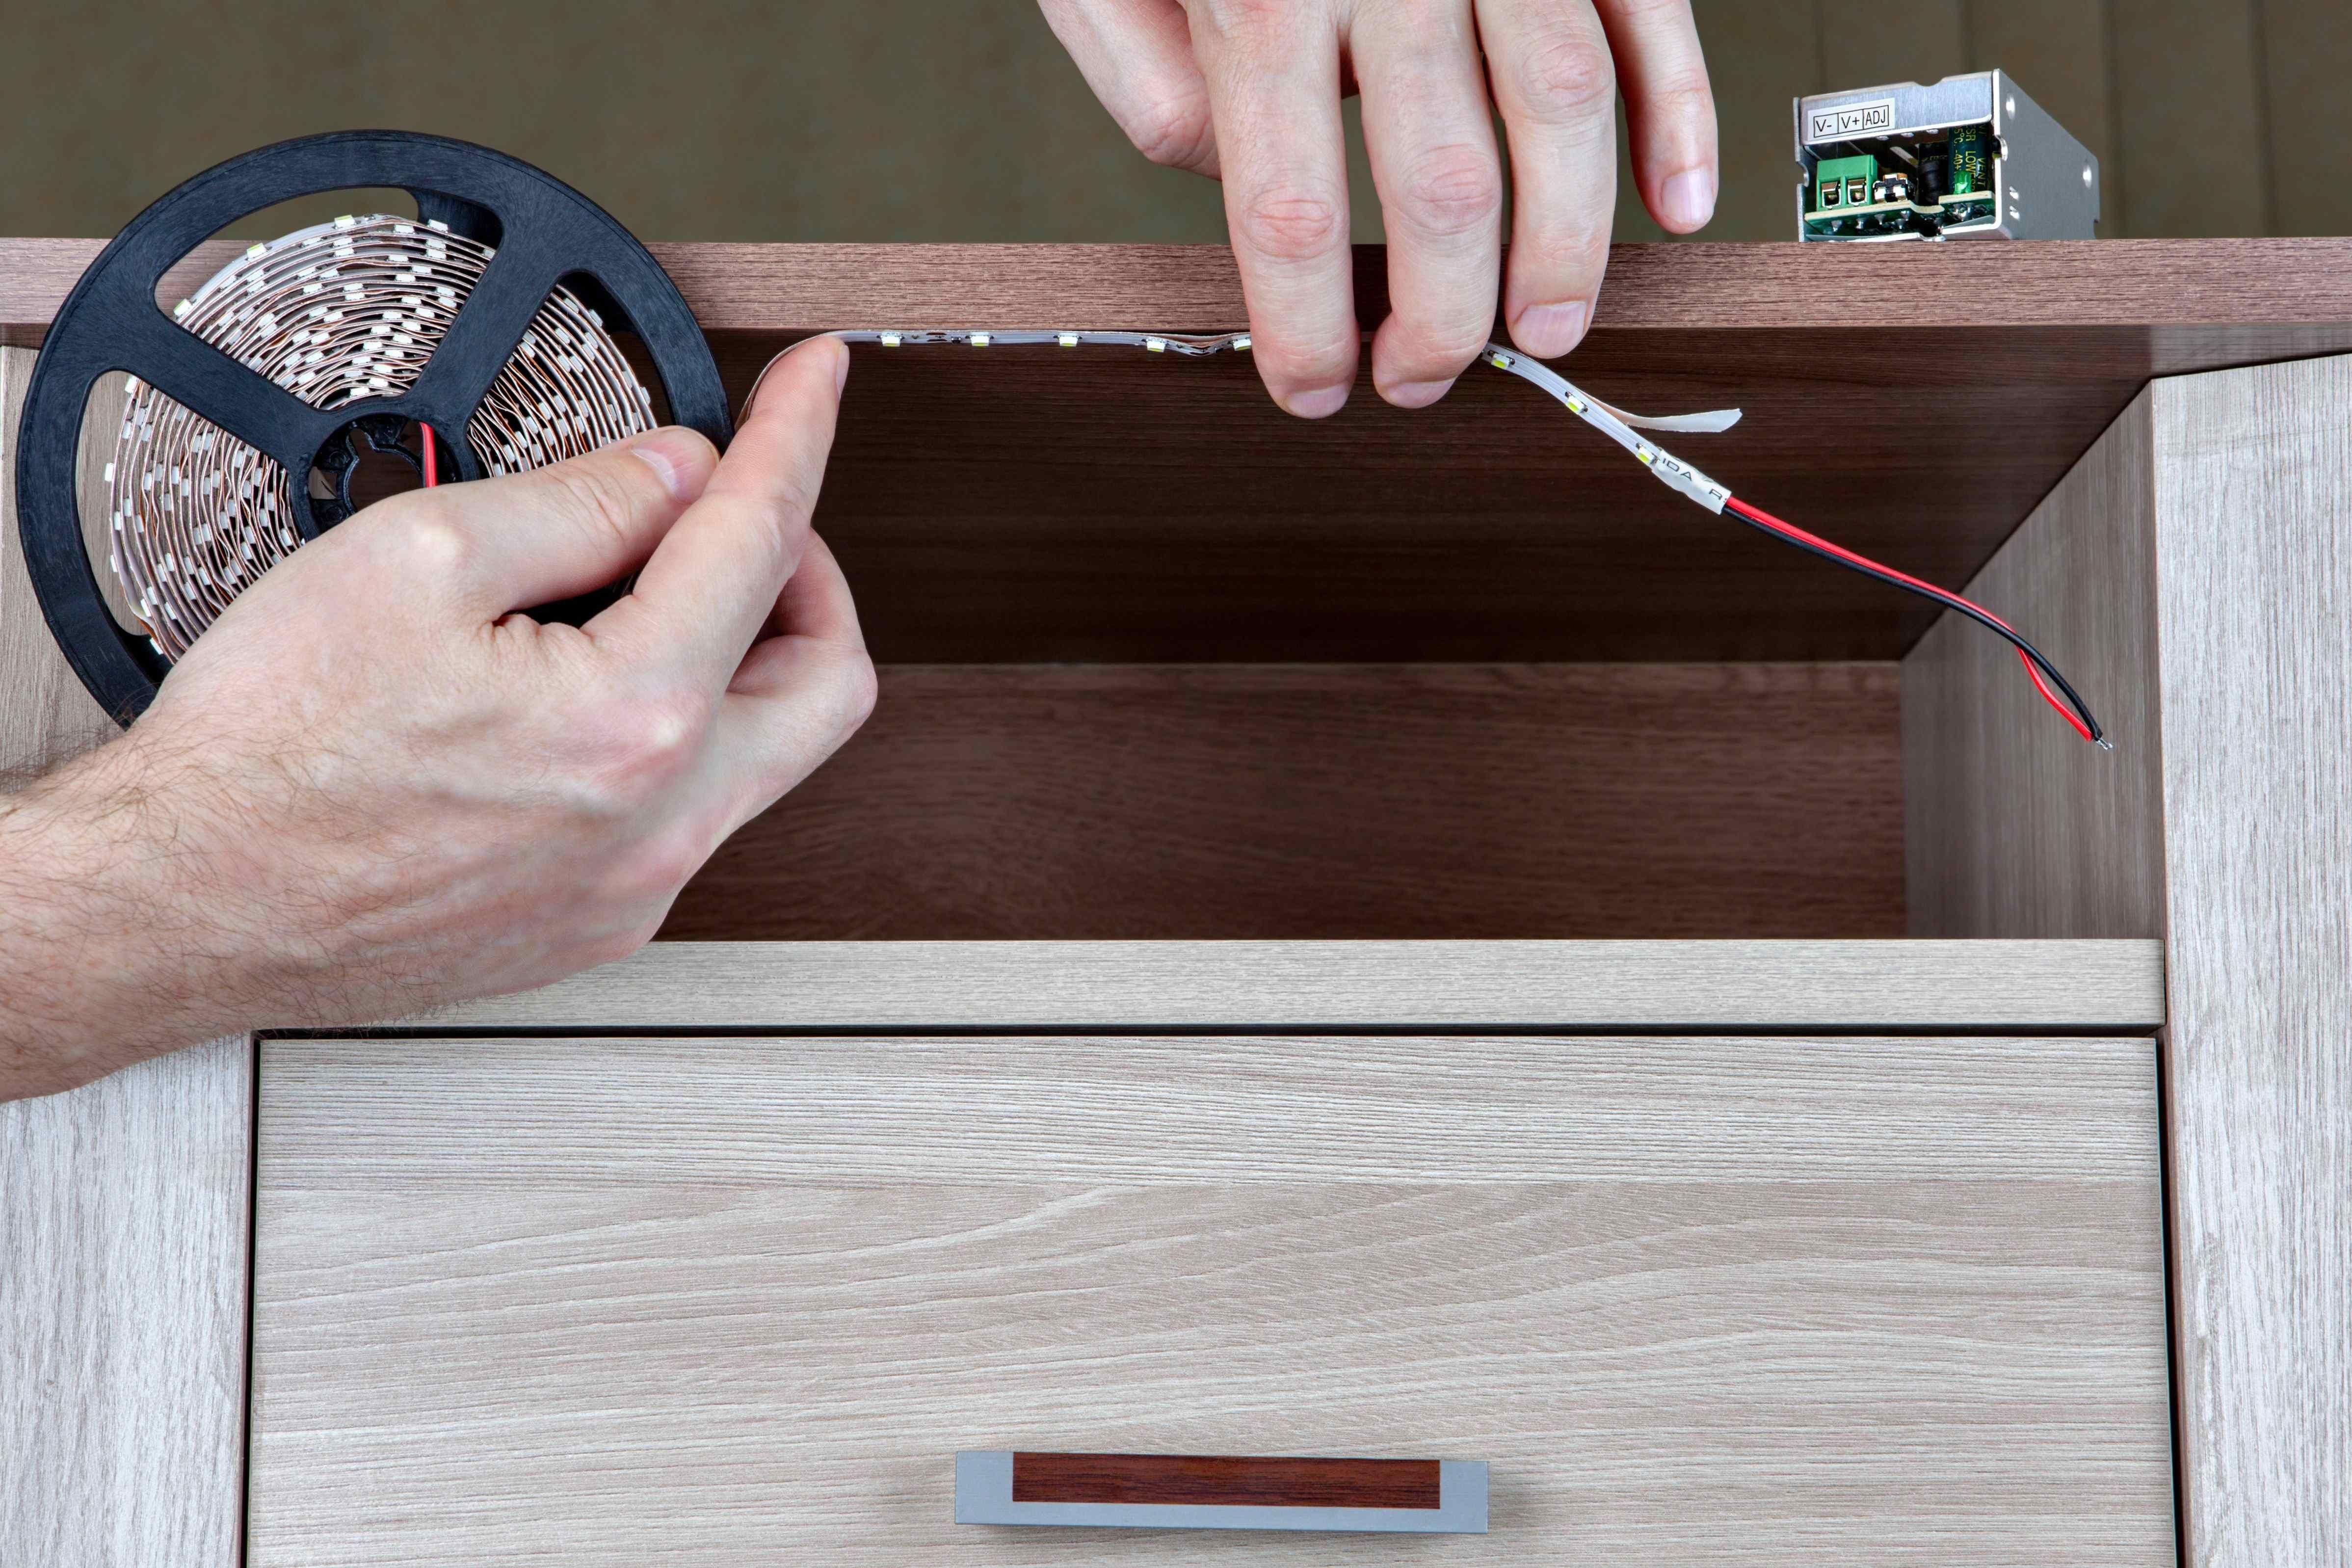 Accessoires pour ruban LED : comment ça marche